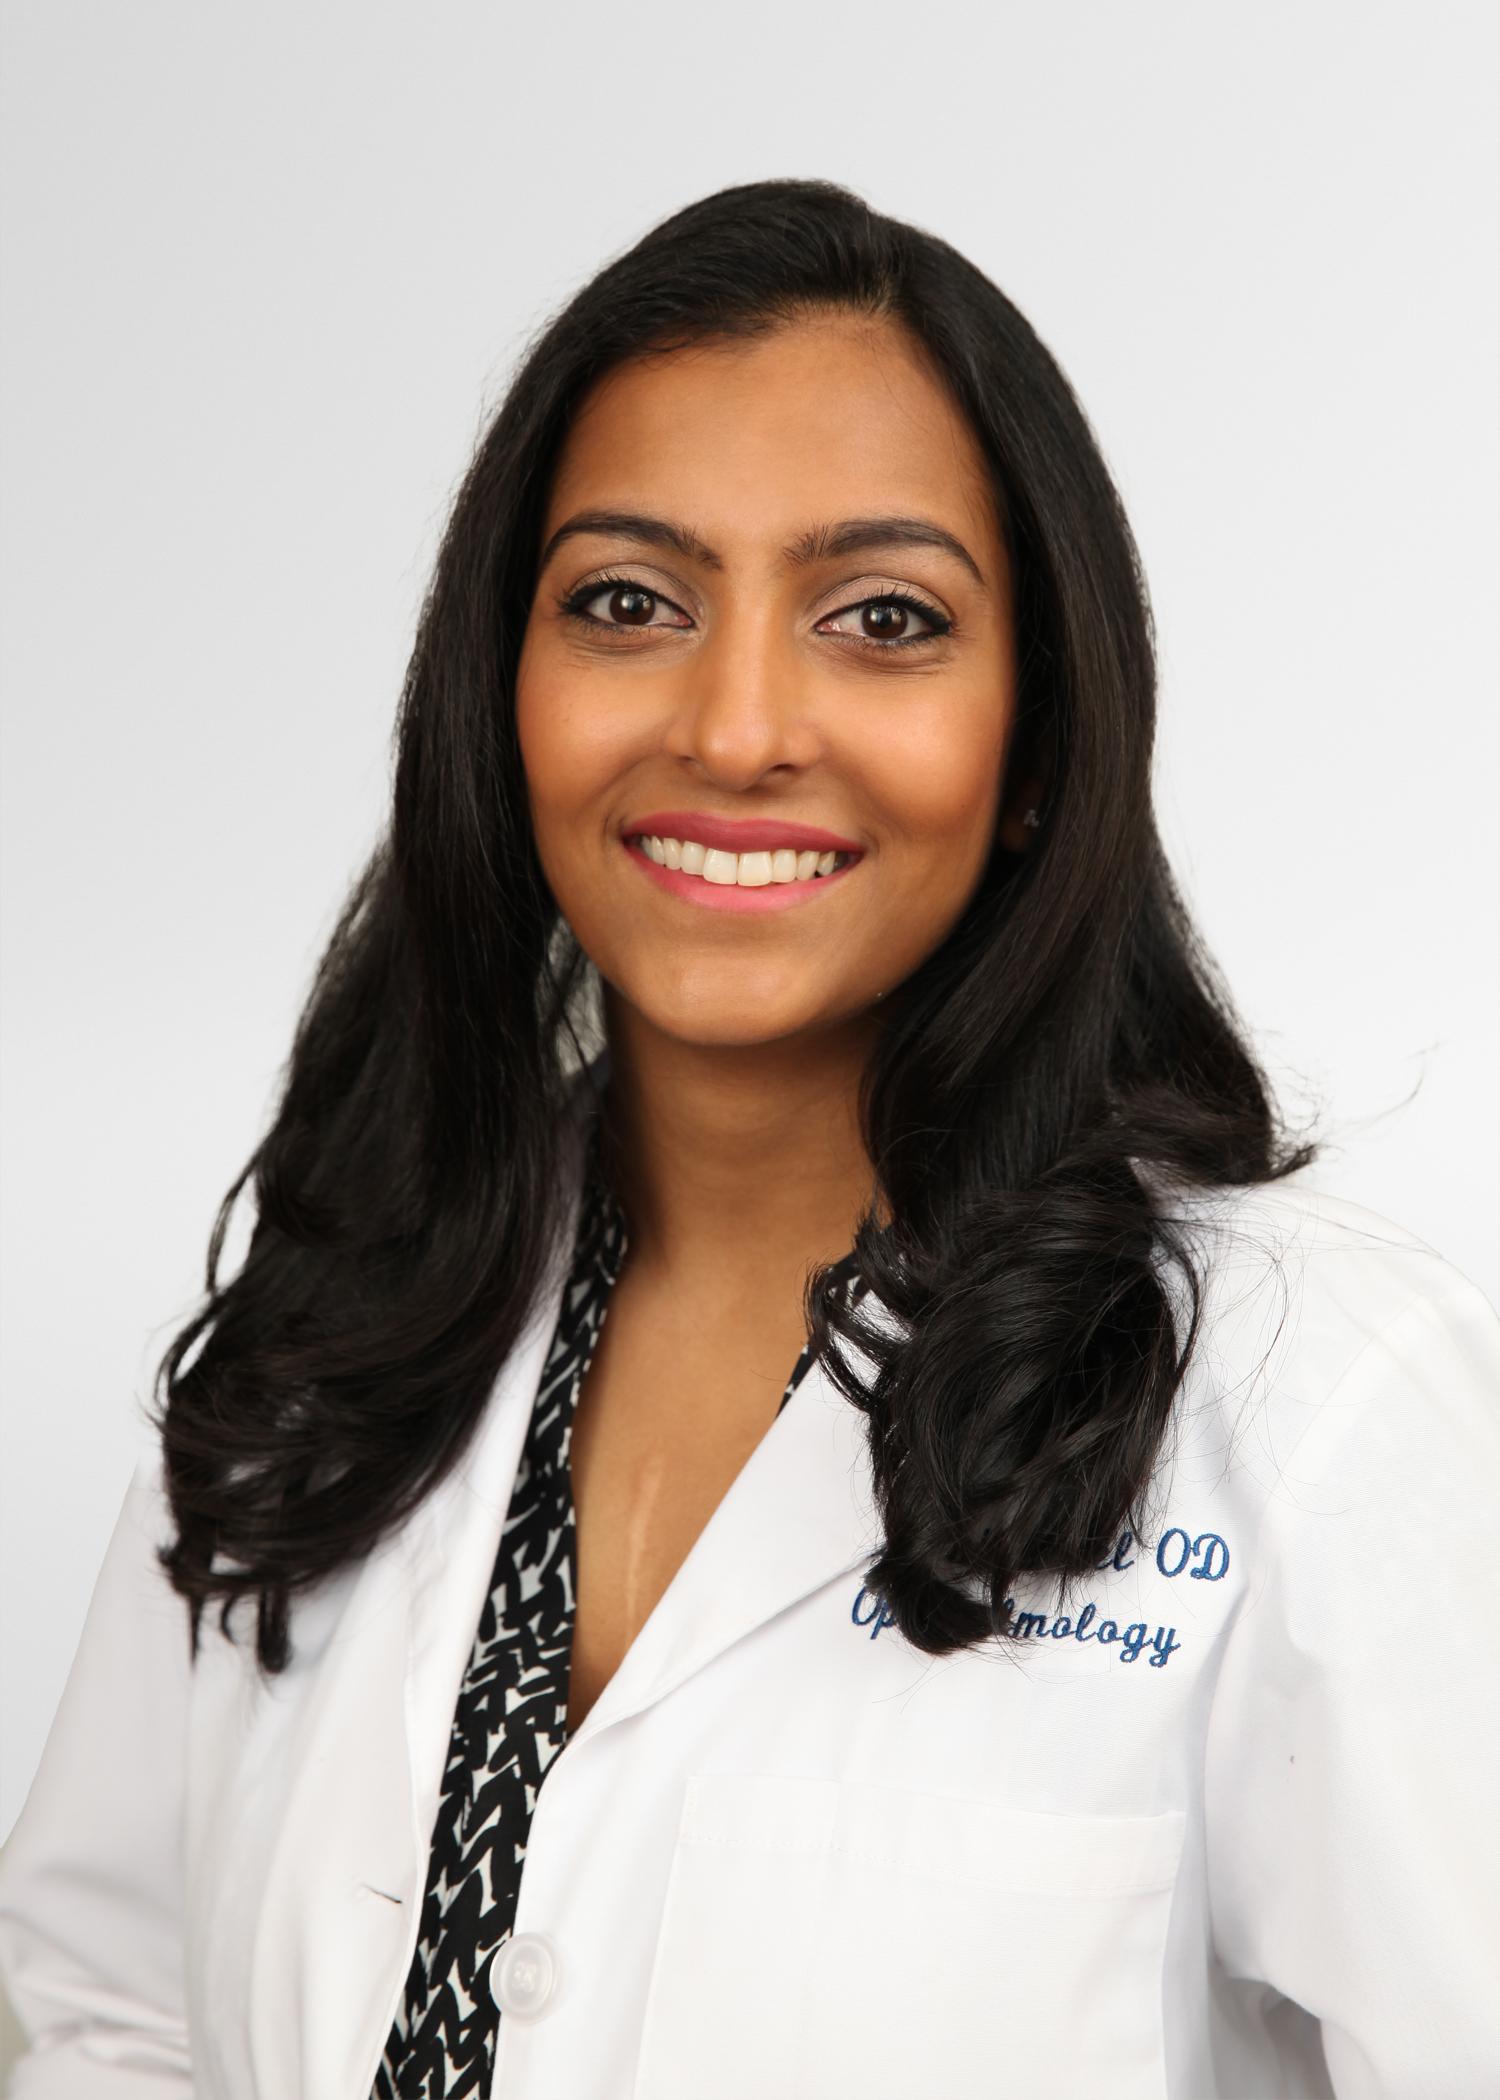 Roshni-Patel-Headshot-AEC